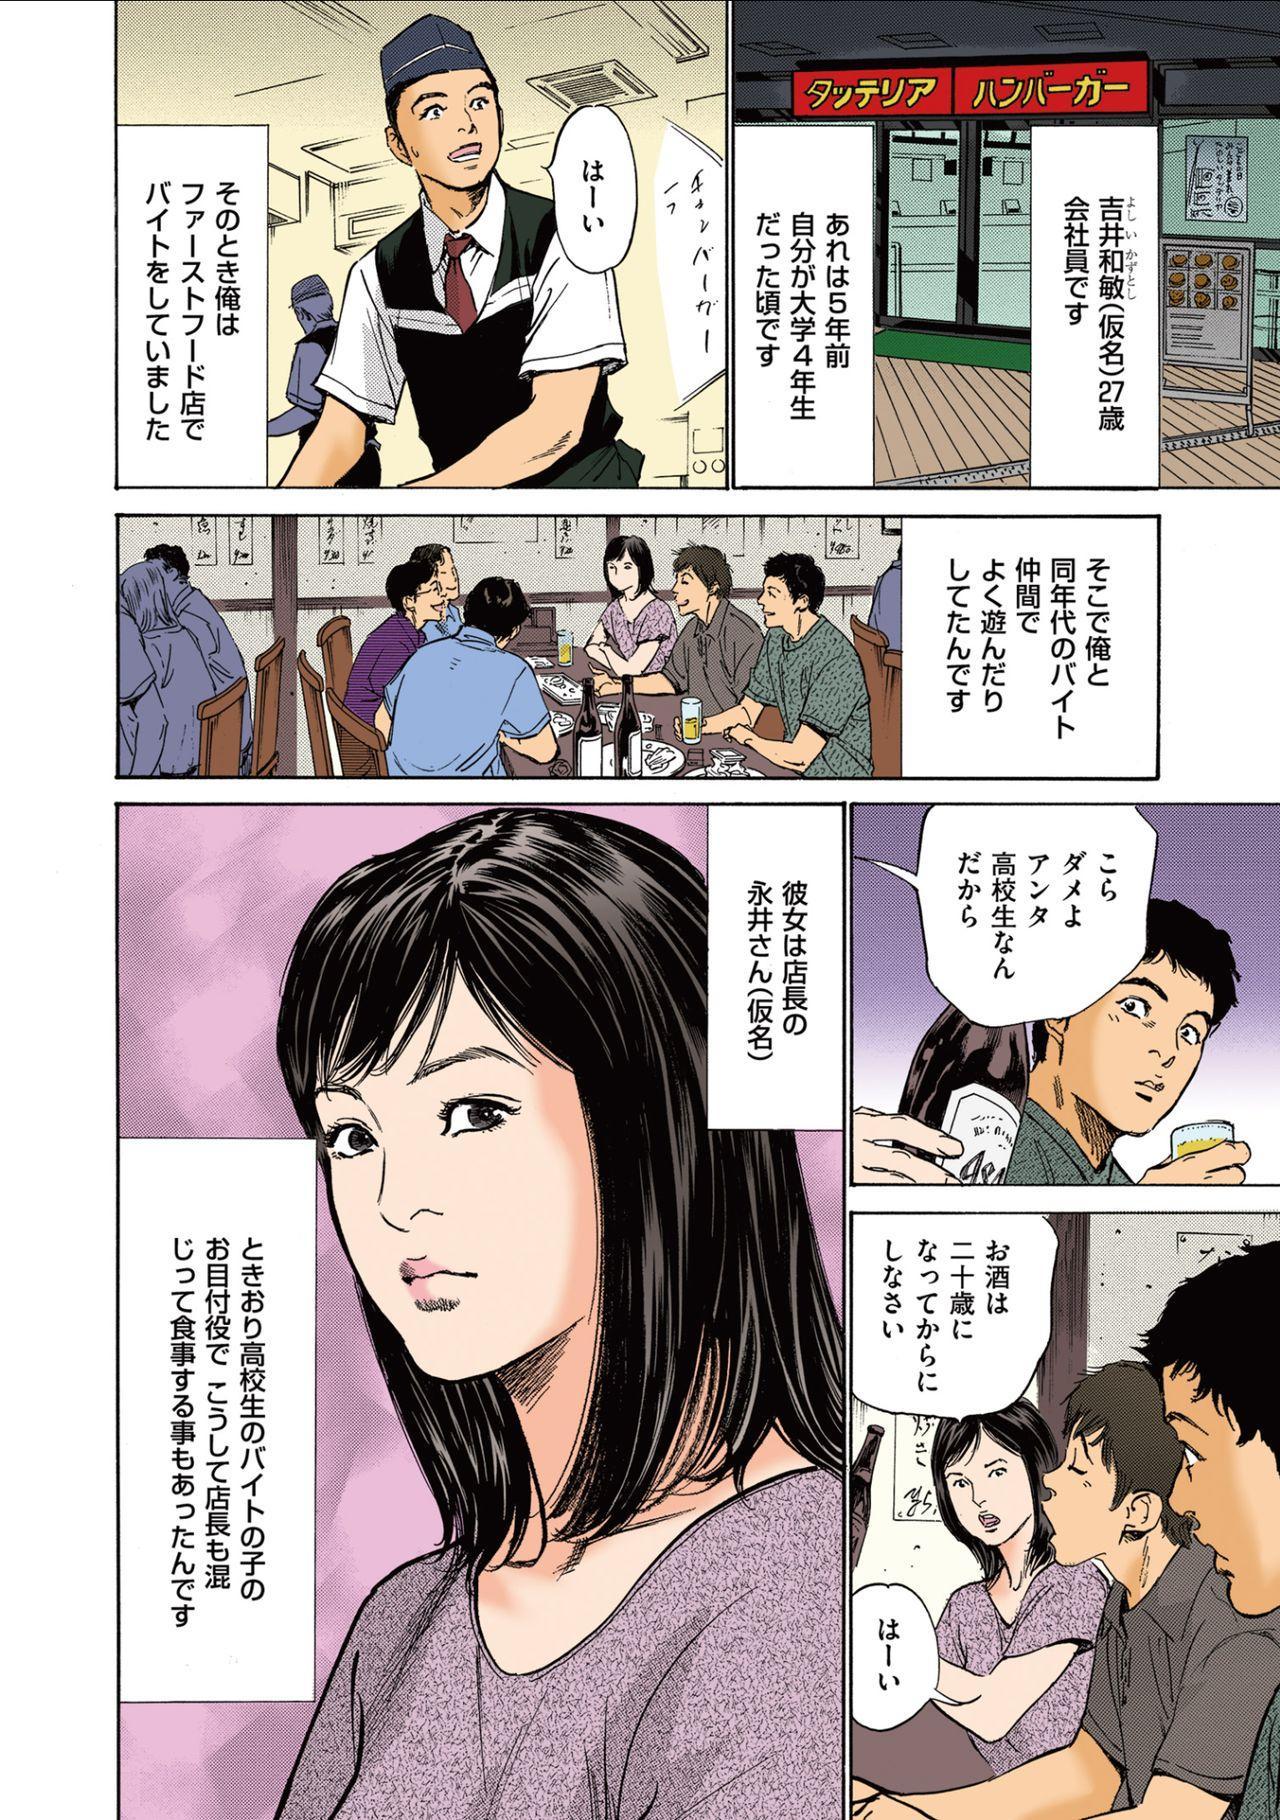 [Hazuki Kaoru] Hazuki Kaoru no Tamaranai Hanashi (Full Color Version) 1-2 69